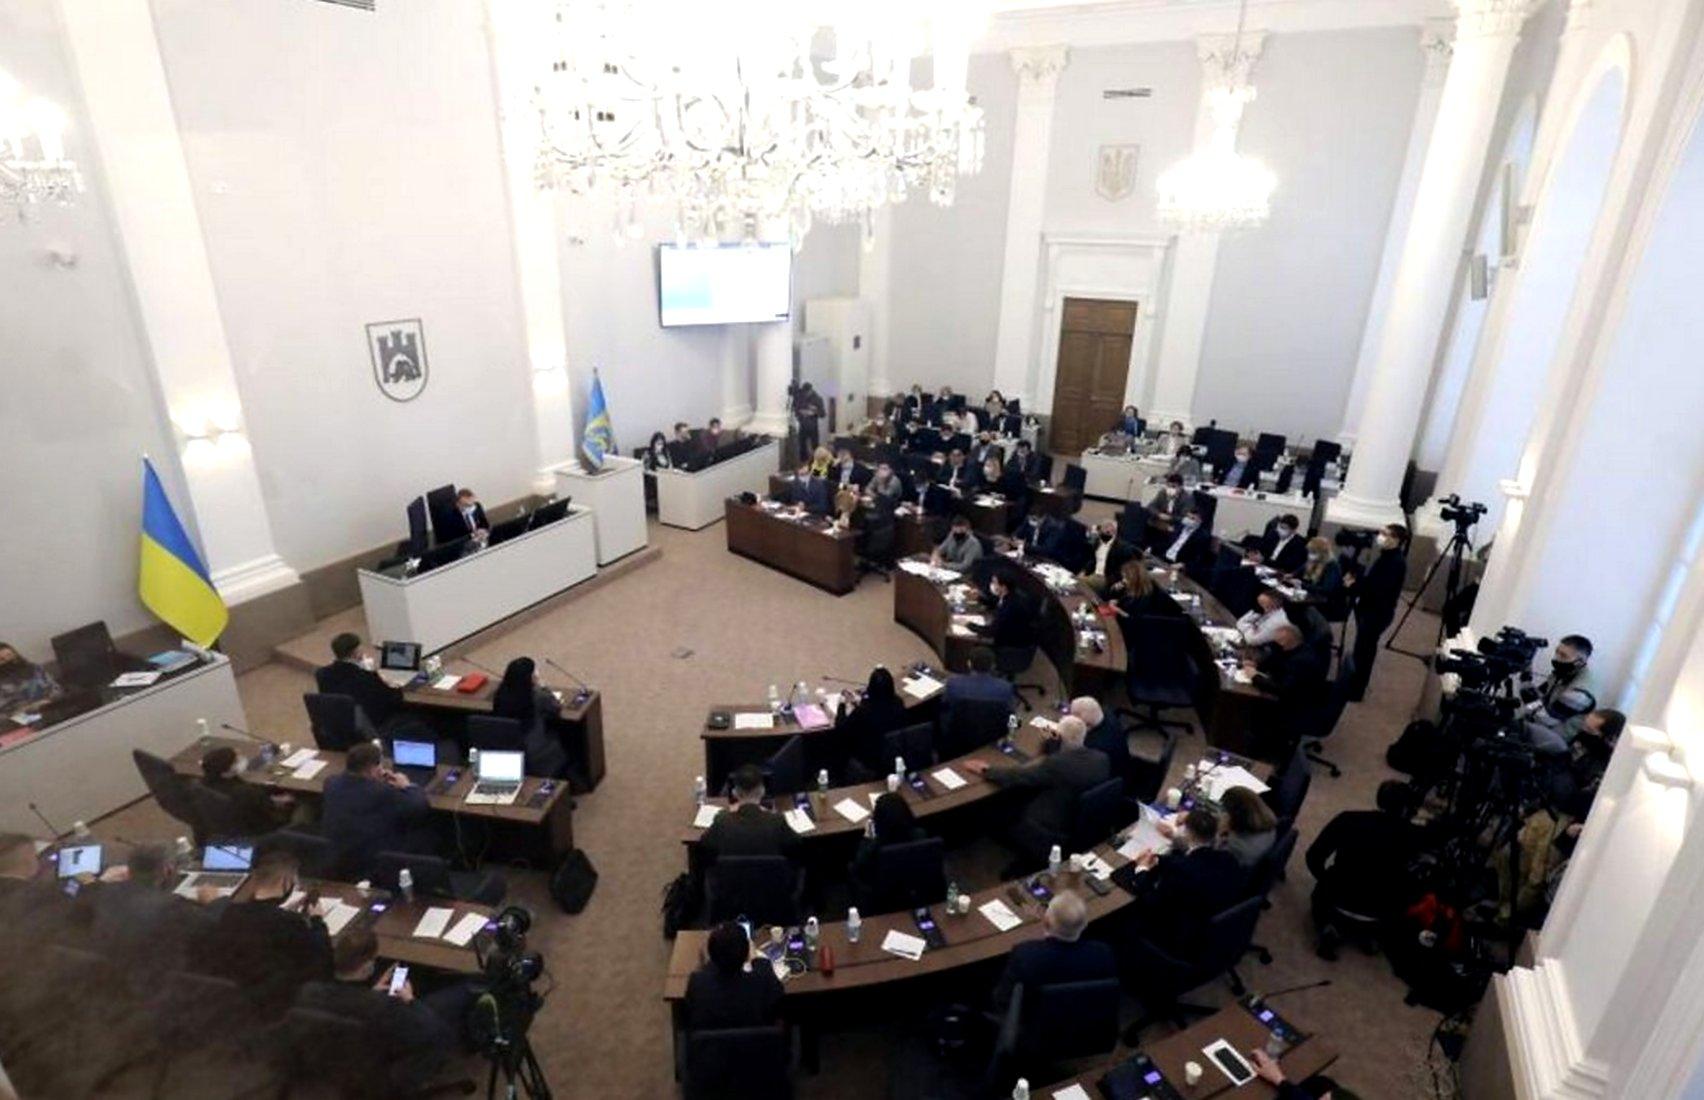 Во Львове депутаты горсовета будут петь хором для улучшения коммуникации